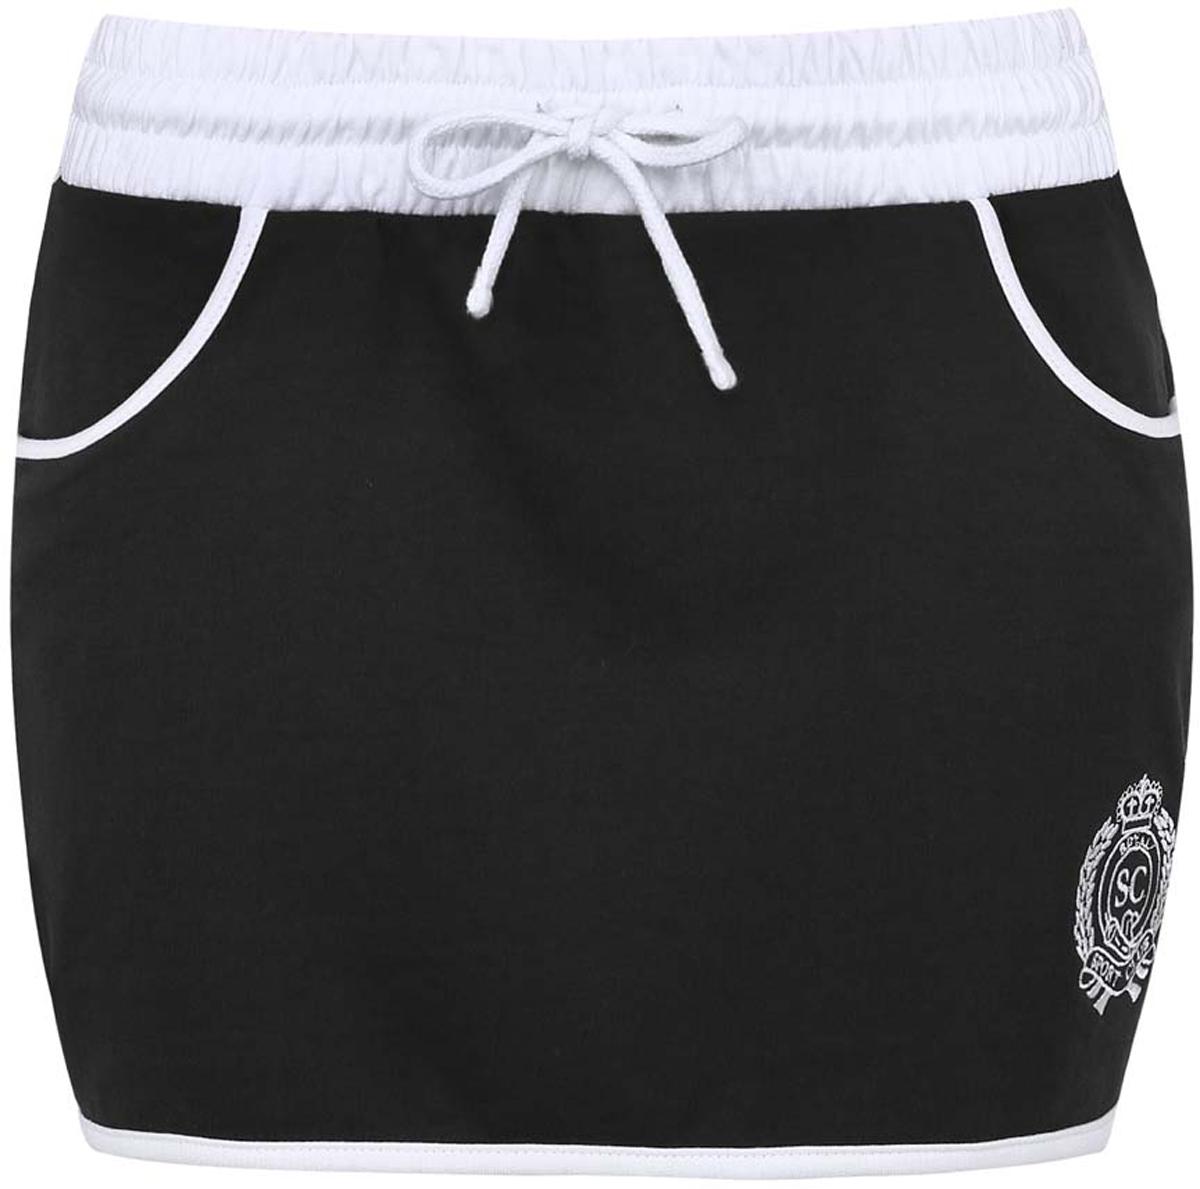 16801025-5/43042/2910PМини-юбка в спортивном стиле oodji Ultra выполнена из 100% хлопка. Пояс модели оснащен резинкой и шнурками. С лицевой стороны расположены два втачных кармана. Юбка дополнена вышивкой.